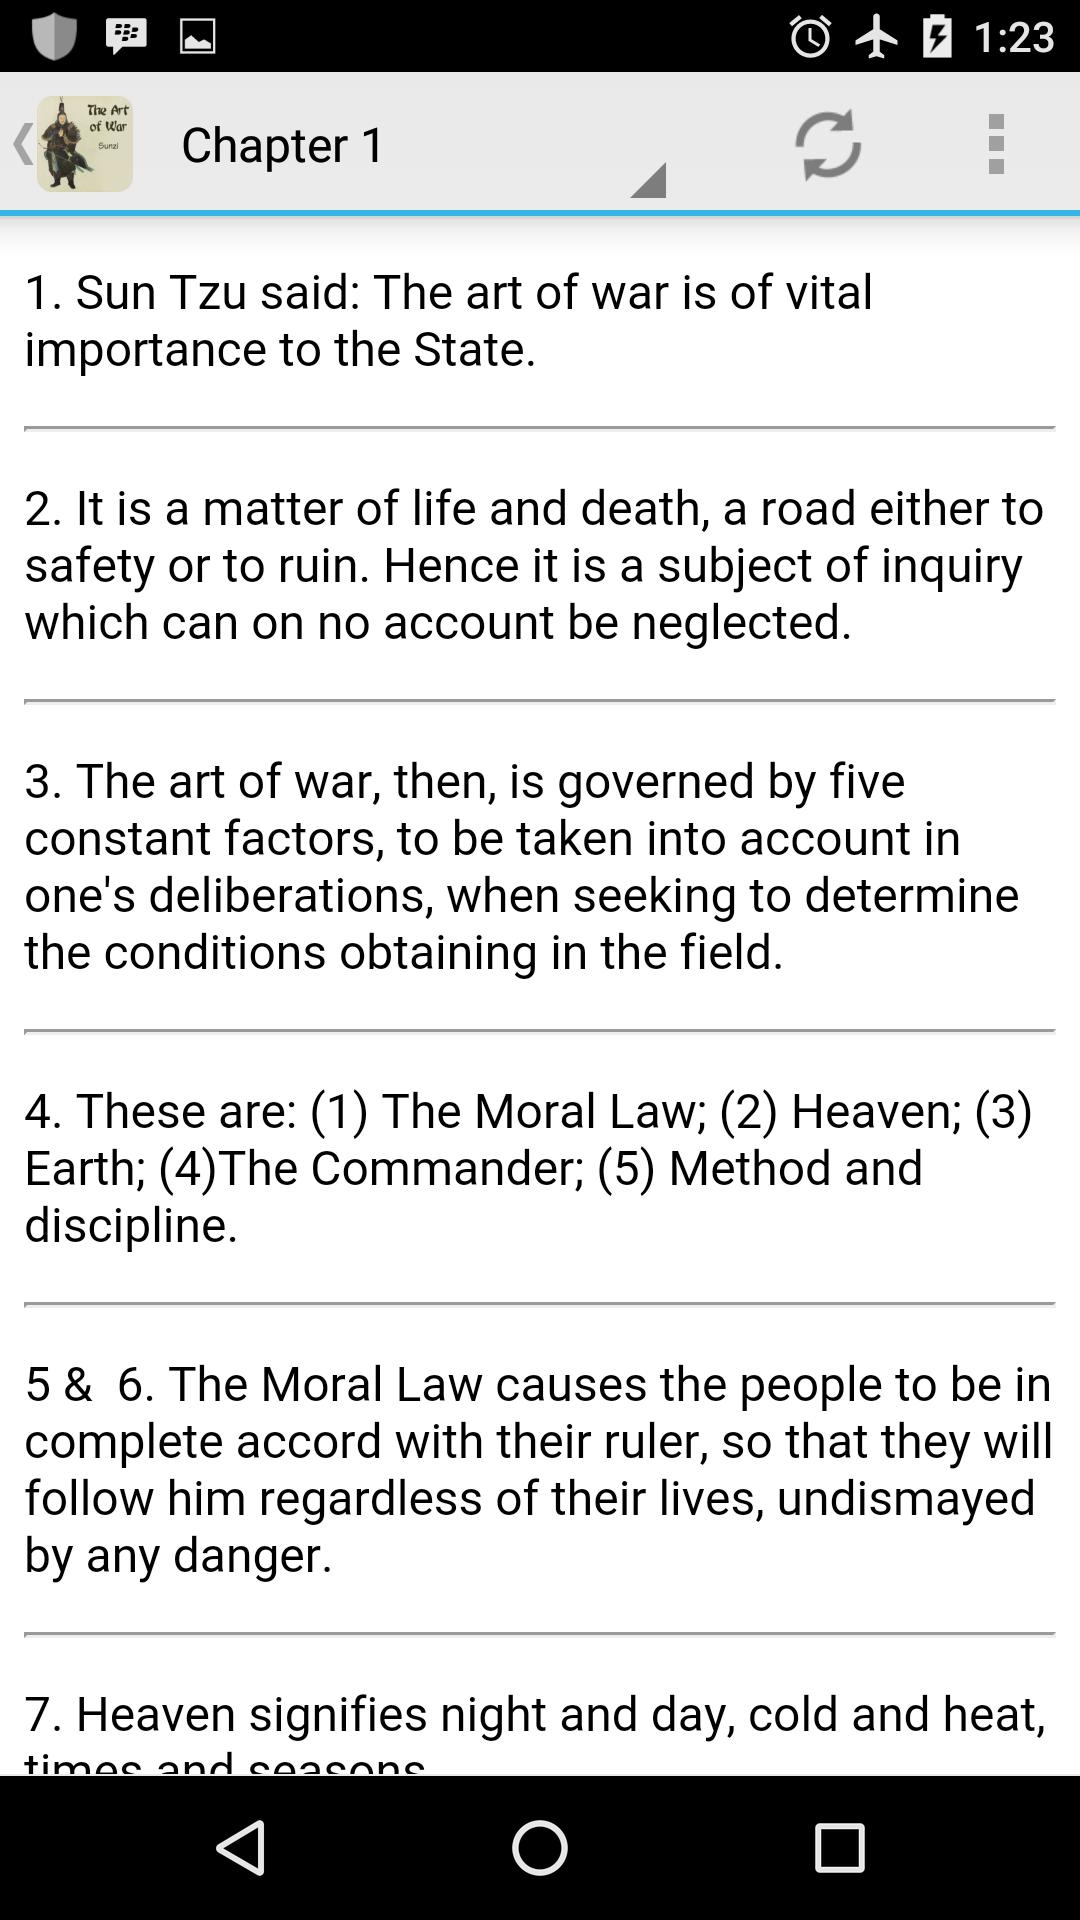 Art of War by Sun Tzu (ebook & audiobook) screenshot 2